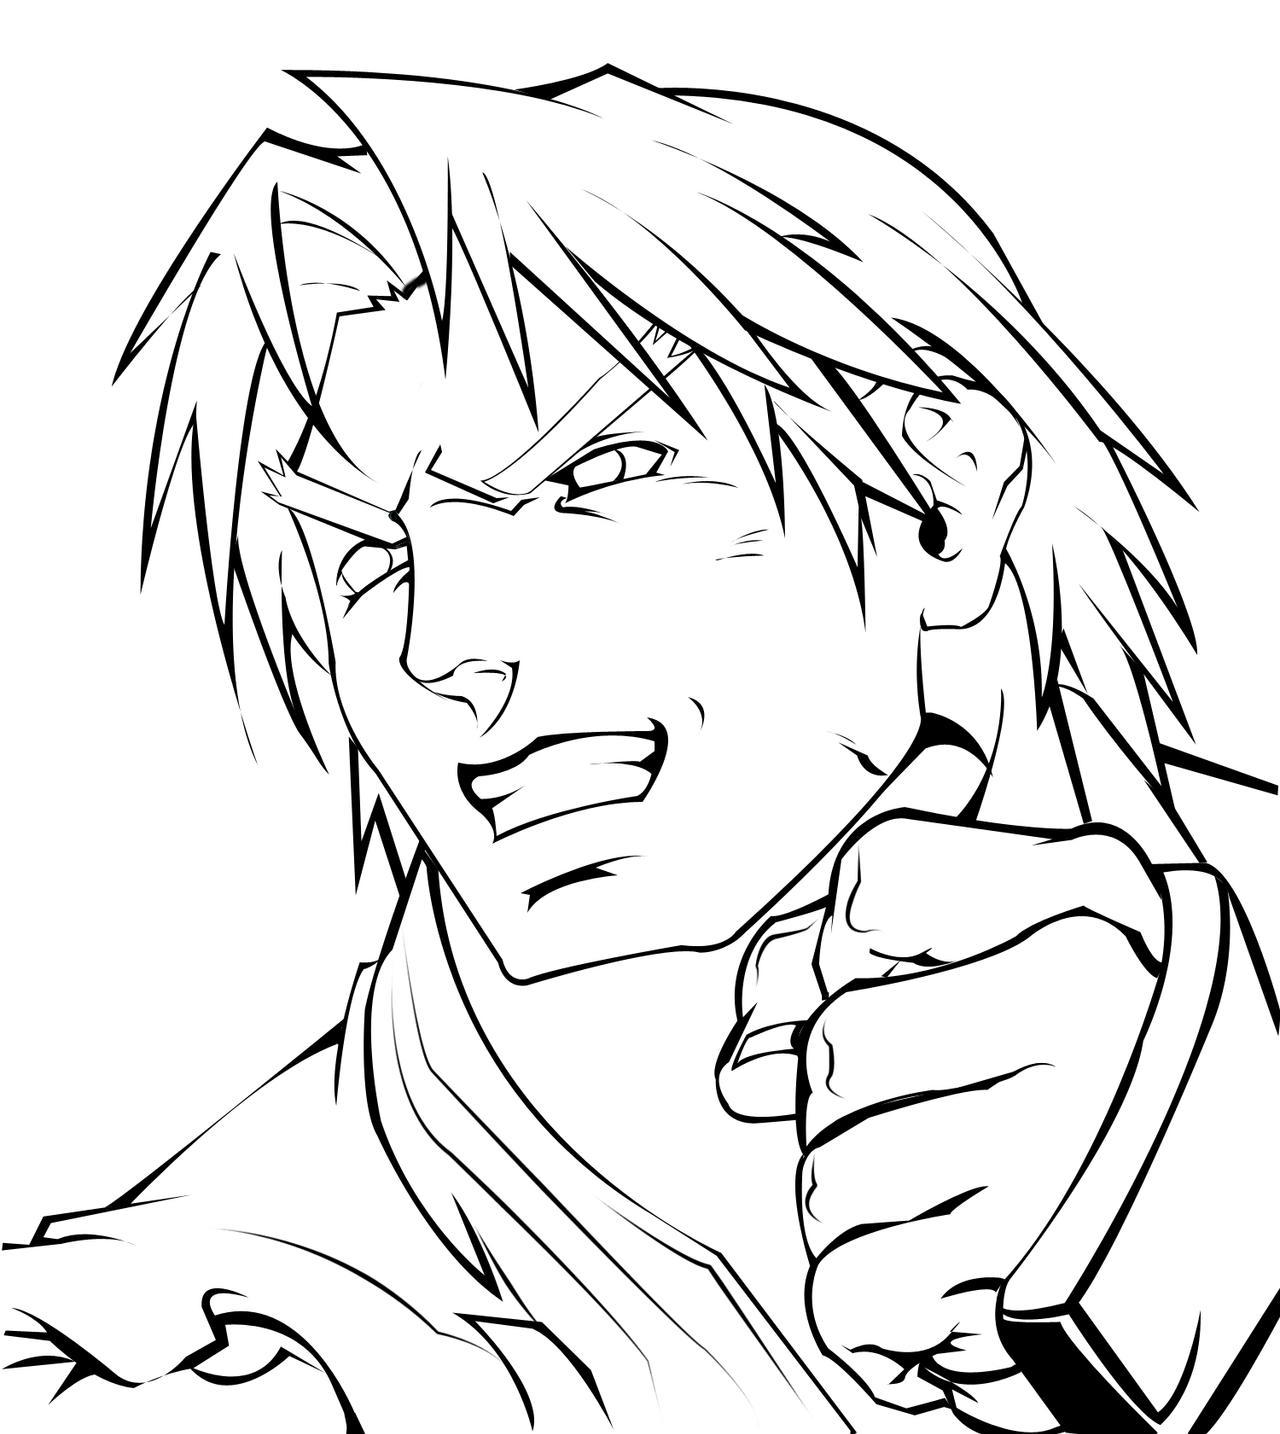 Line Drawing Artist Research : Ken line art by gokusuke on deviantart